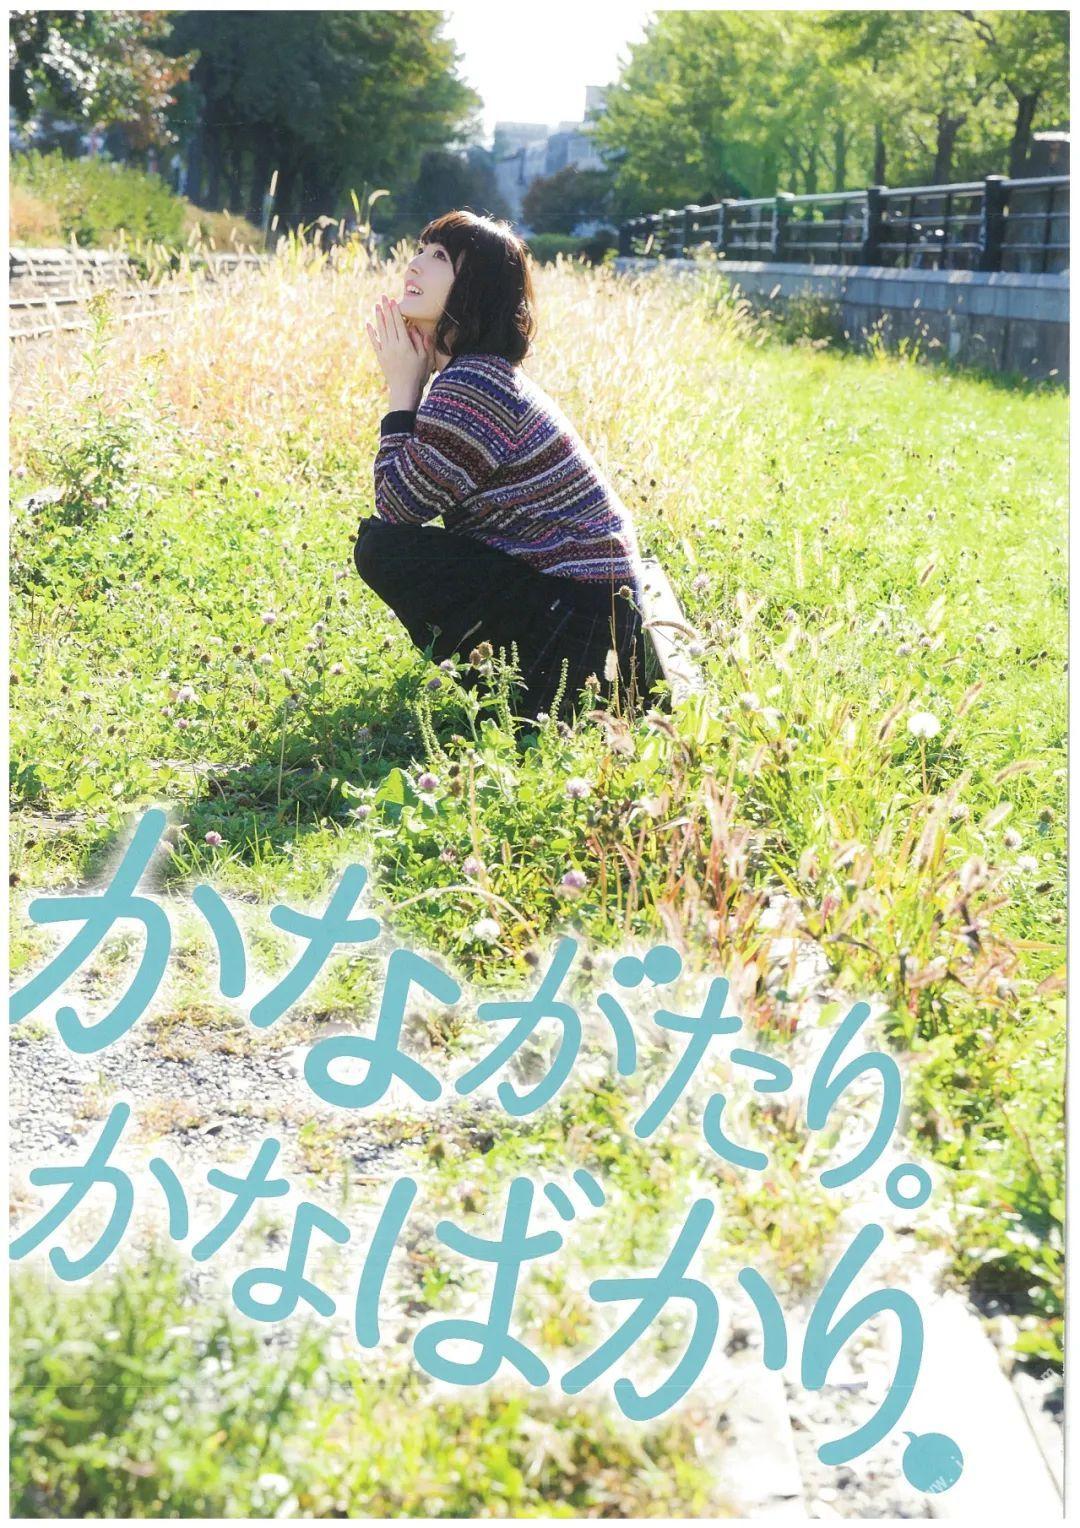 花泽香菜 「かながたり。 かなばかり」